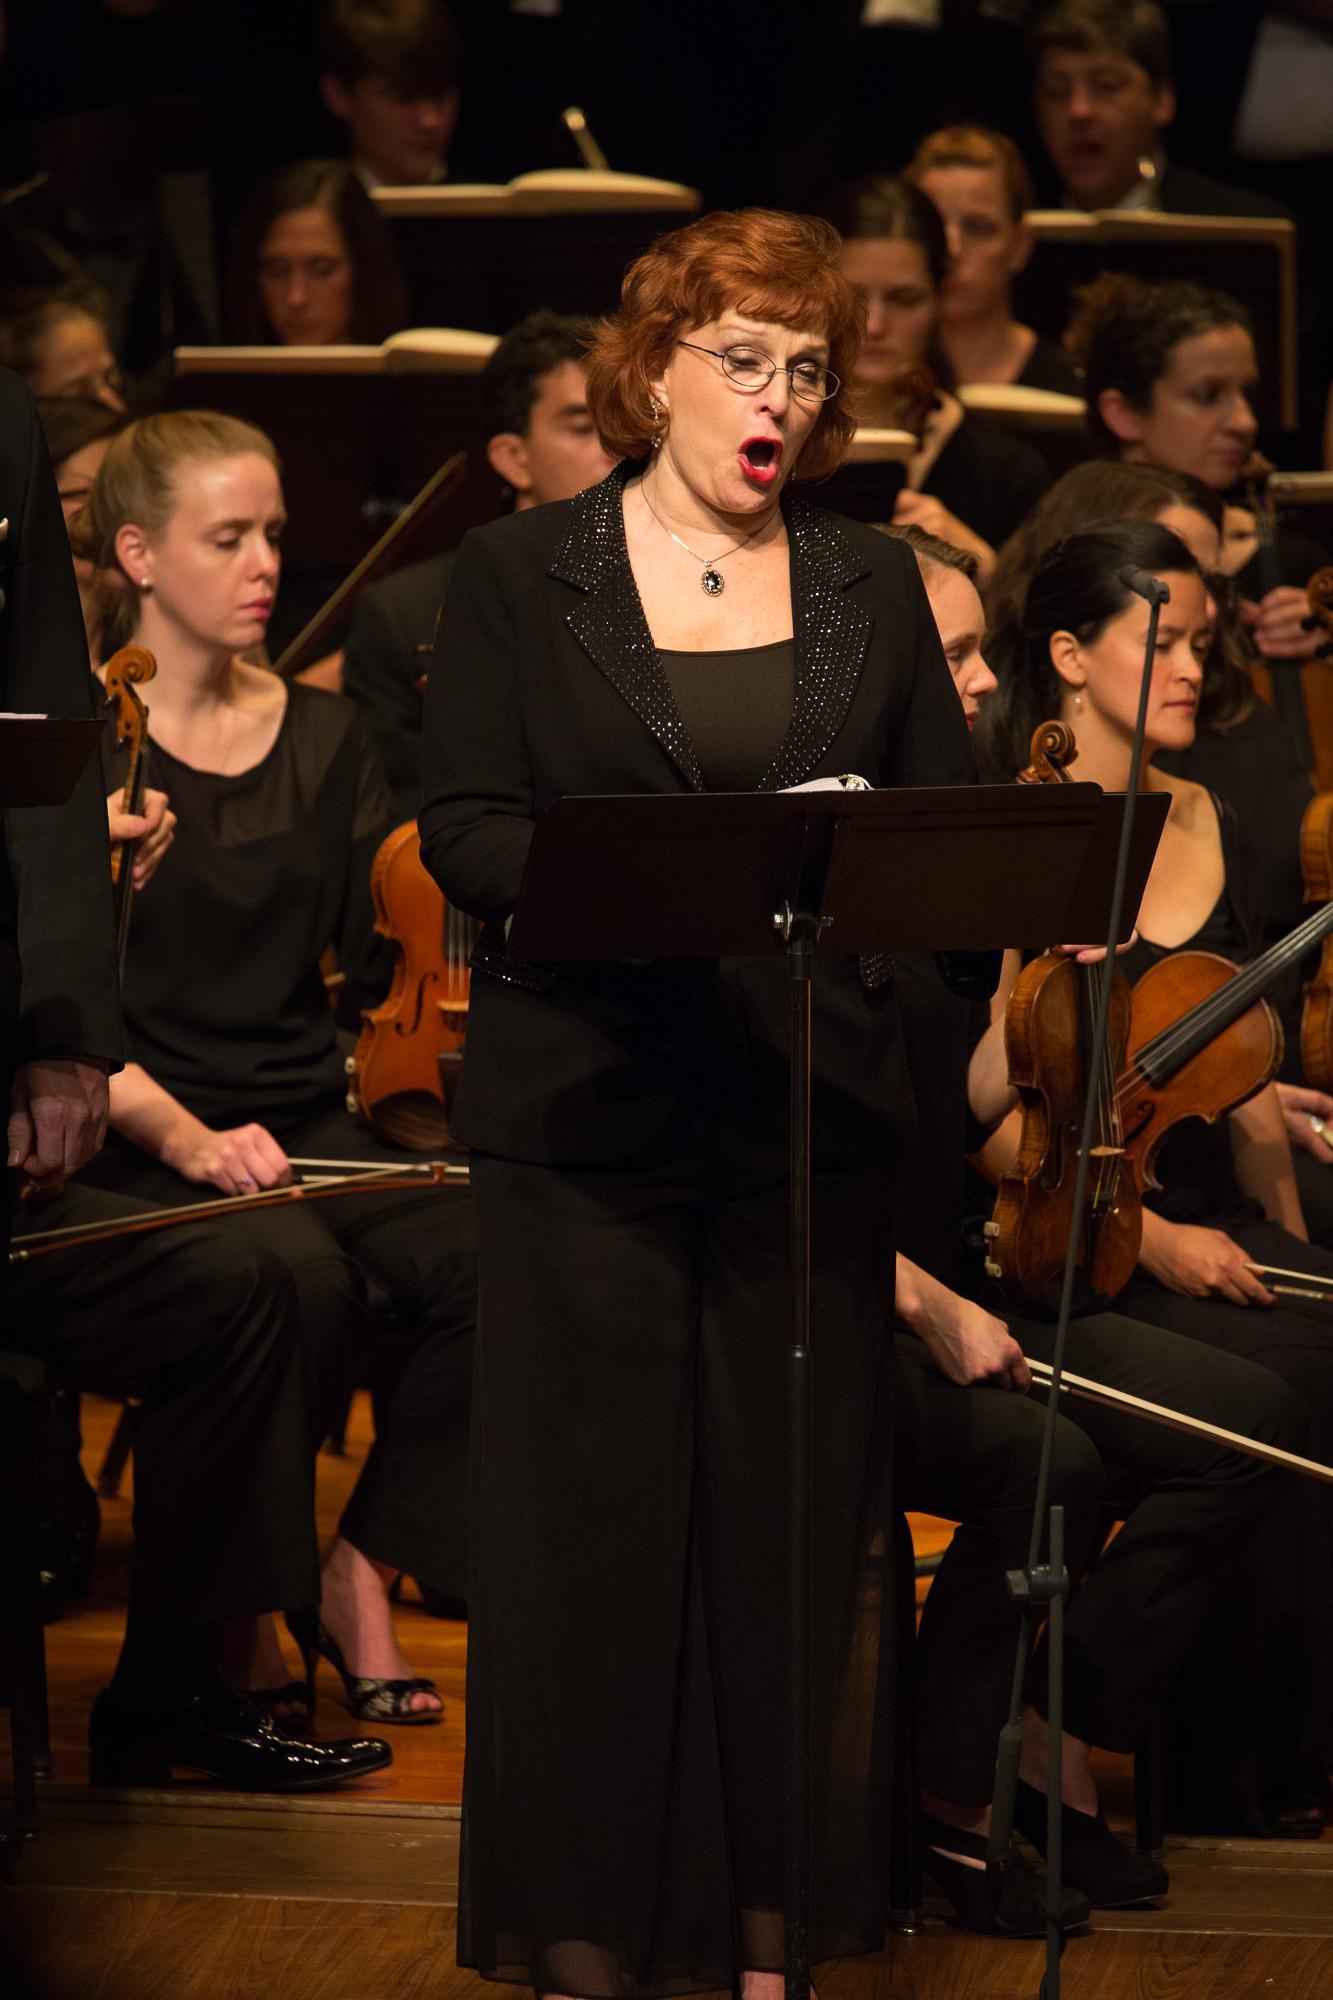 Irina Mishura Photo by Kathy Wittman